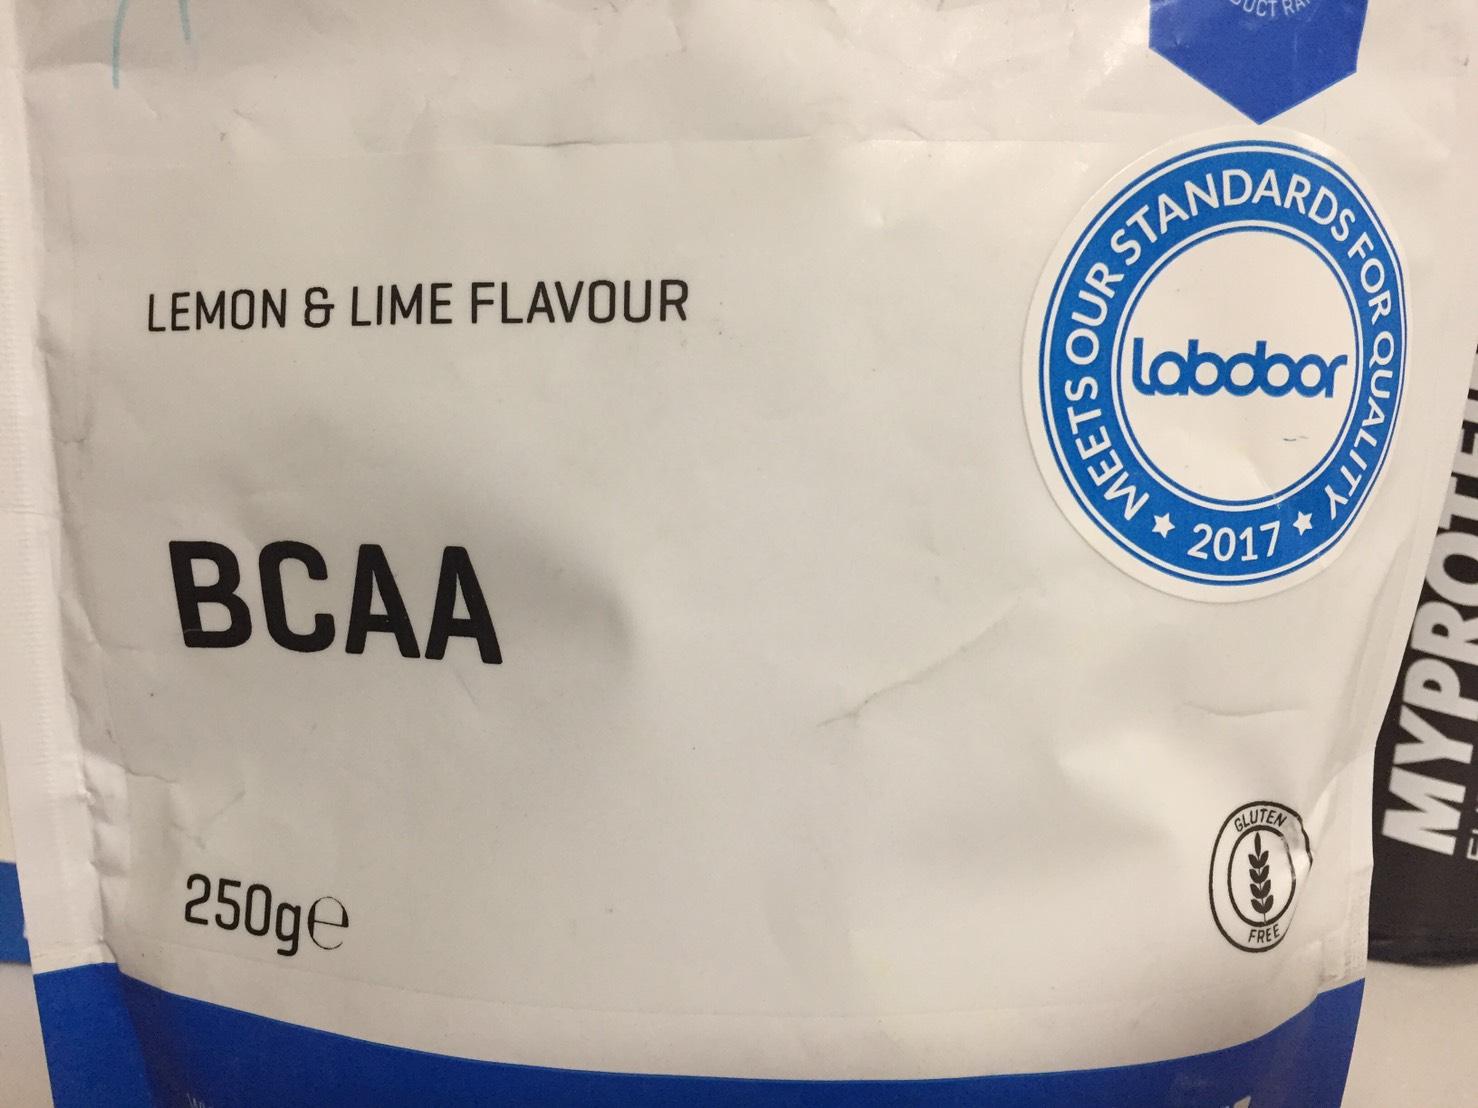 レモン&ライム味(LEMON&LIME FLAVOUR)のパッケージ